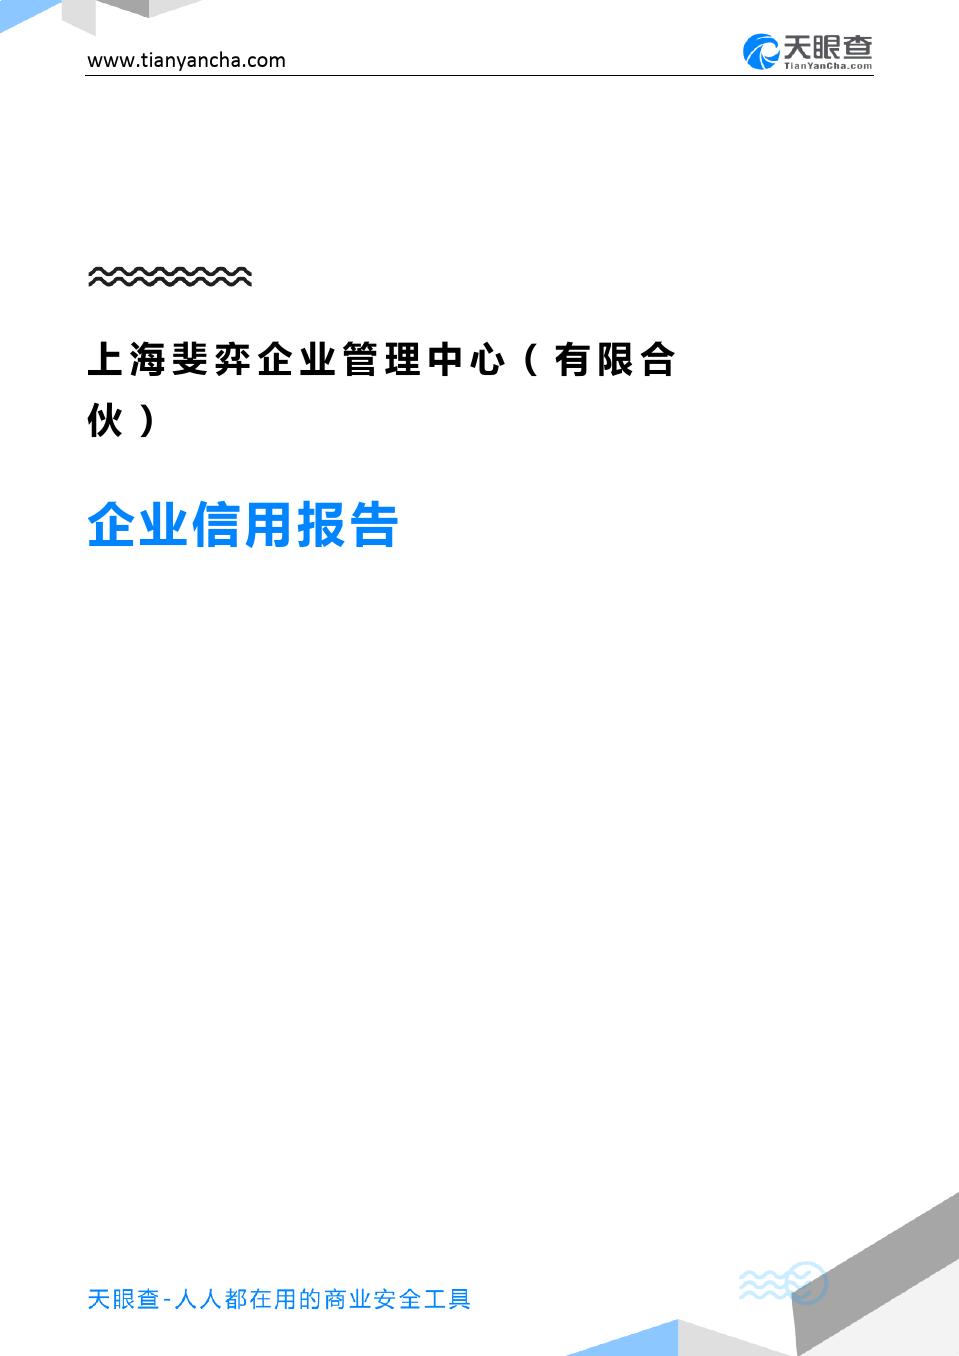 上海斐弈企业管理中心(有限合伙)(企业信用报告)- 天眼查